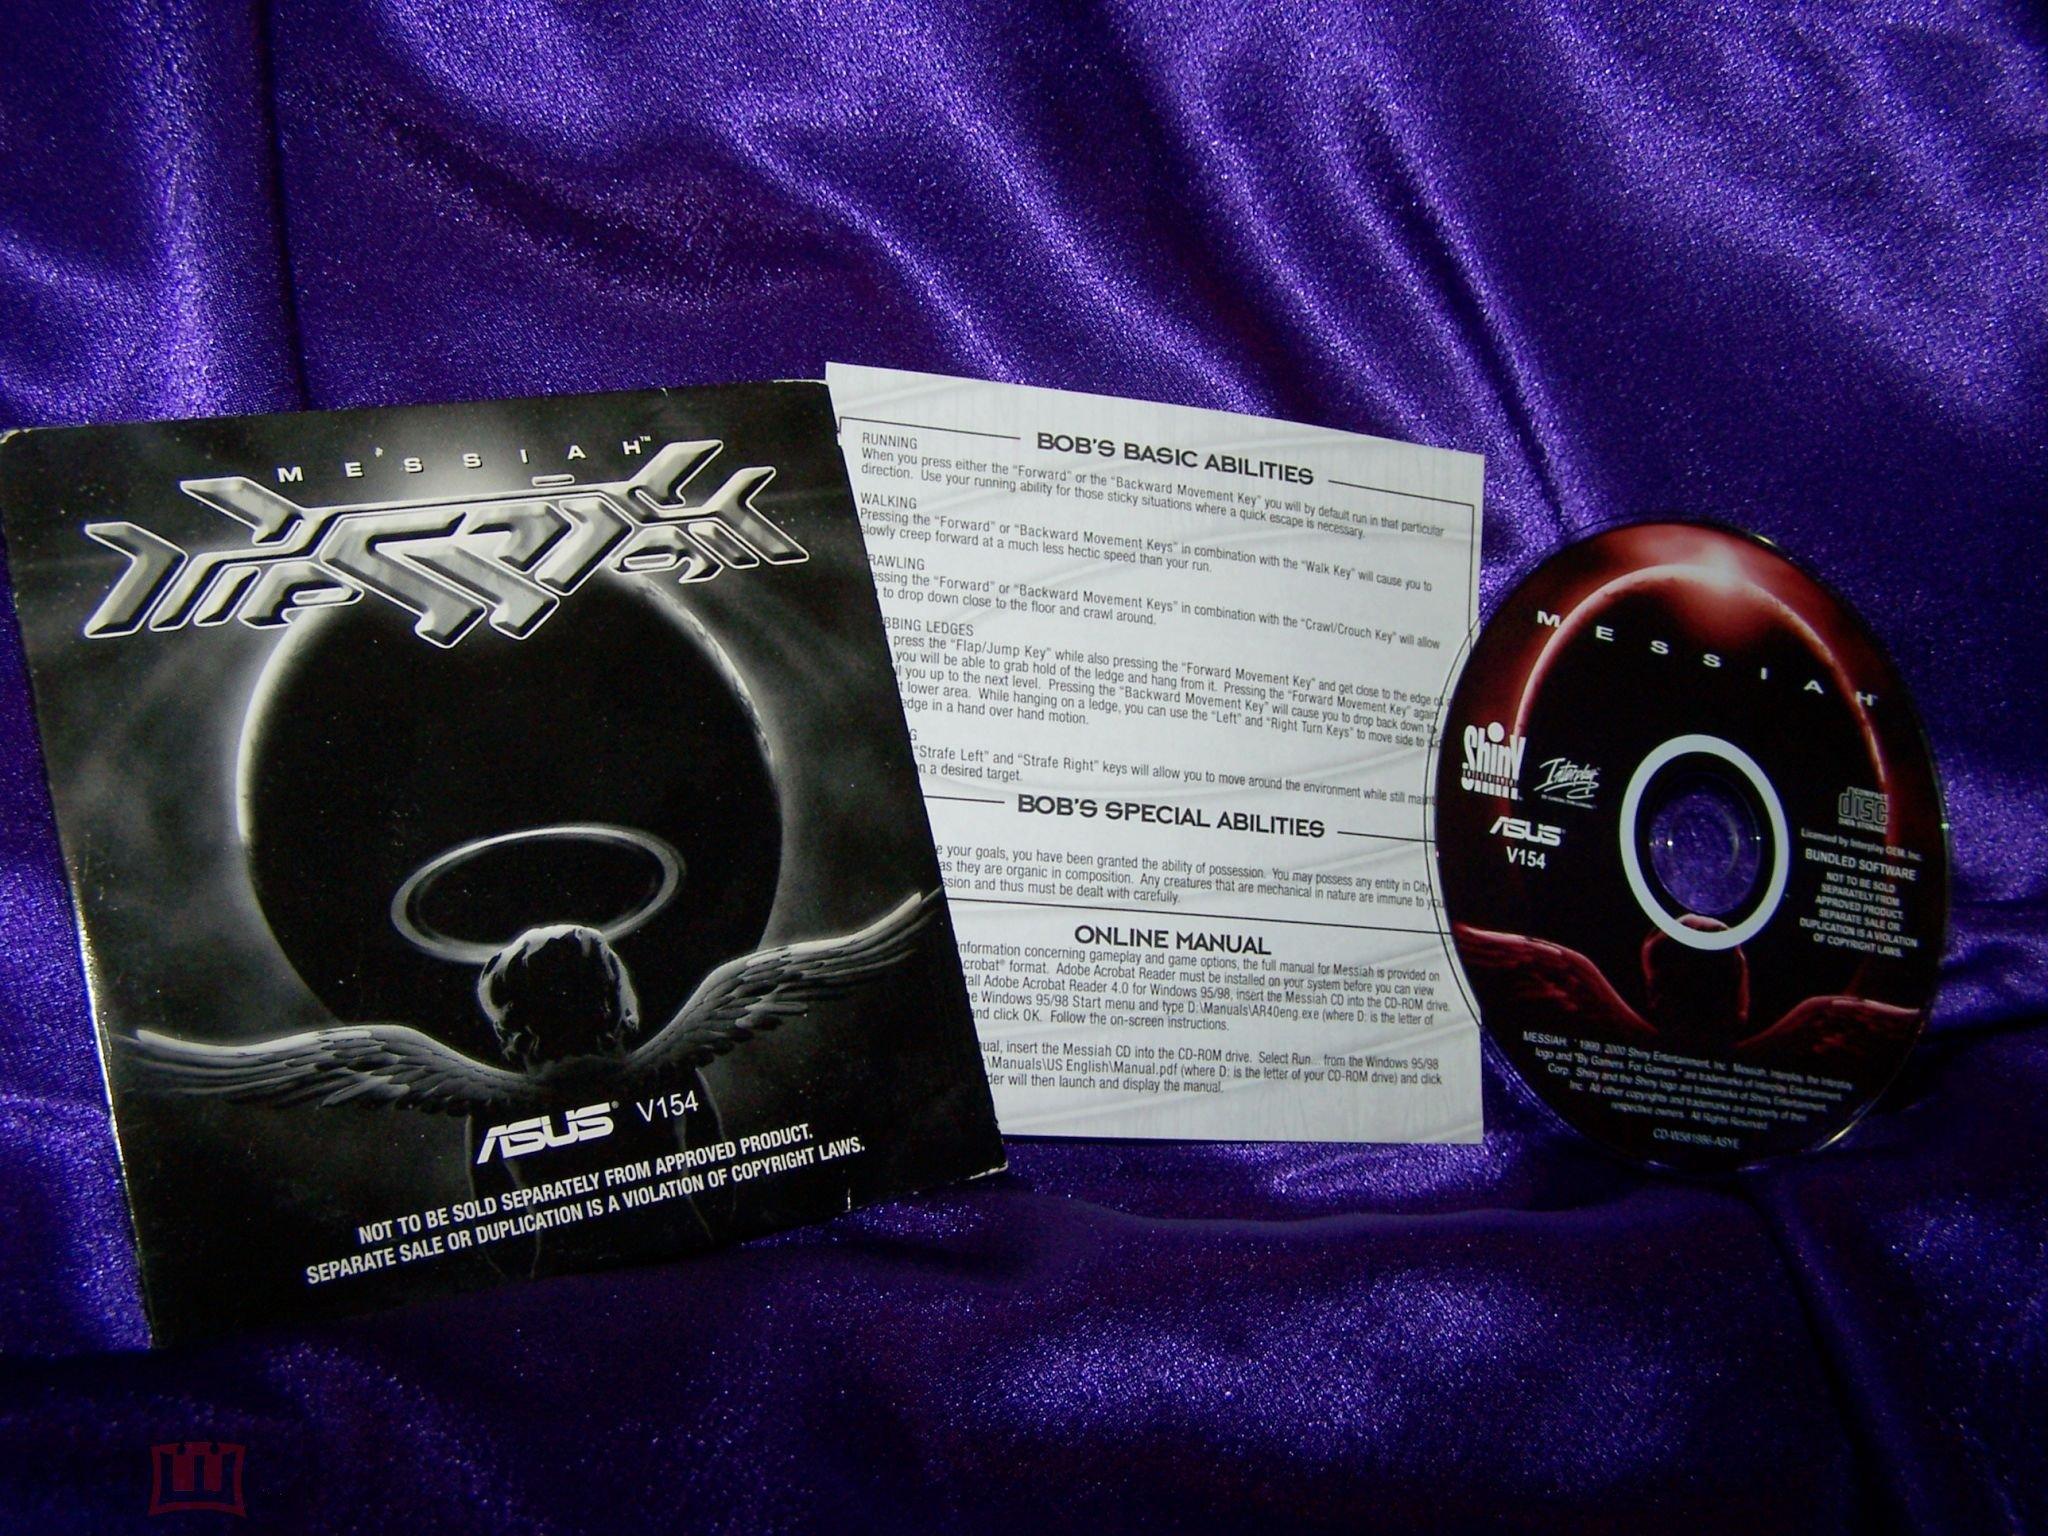 Messiah. 2000 г. Английская версия. Лицензия. Приложение к видеокарте ASUS ( V154 ). PC CD-ROM